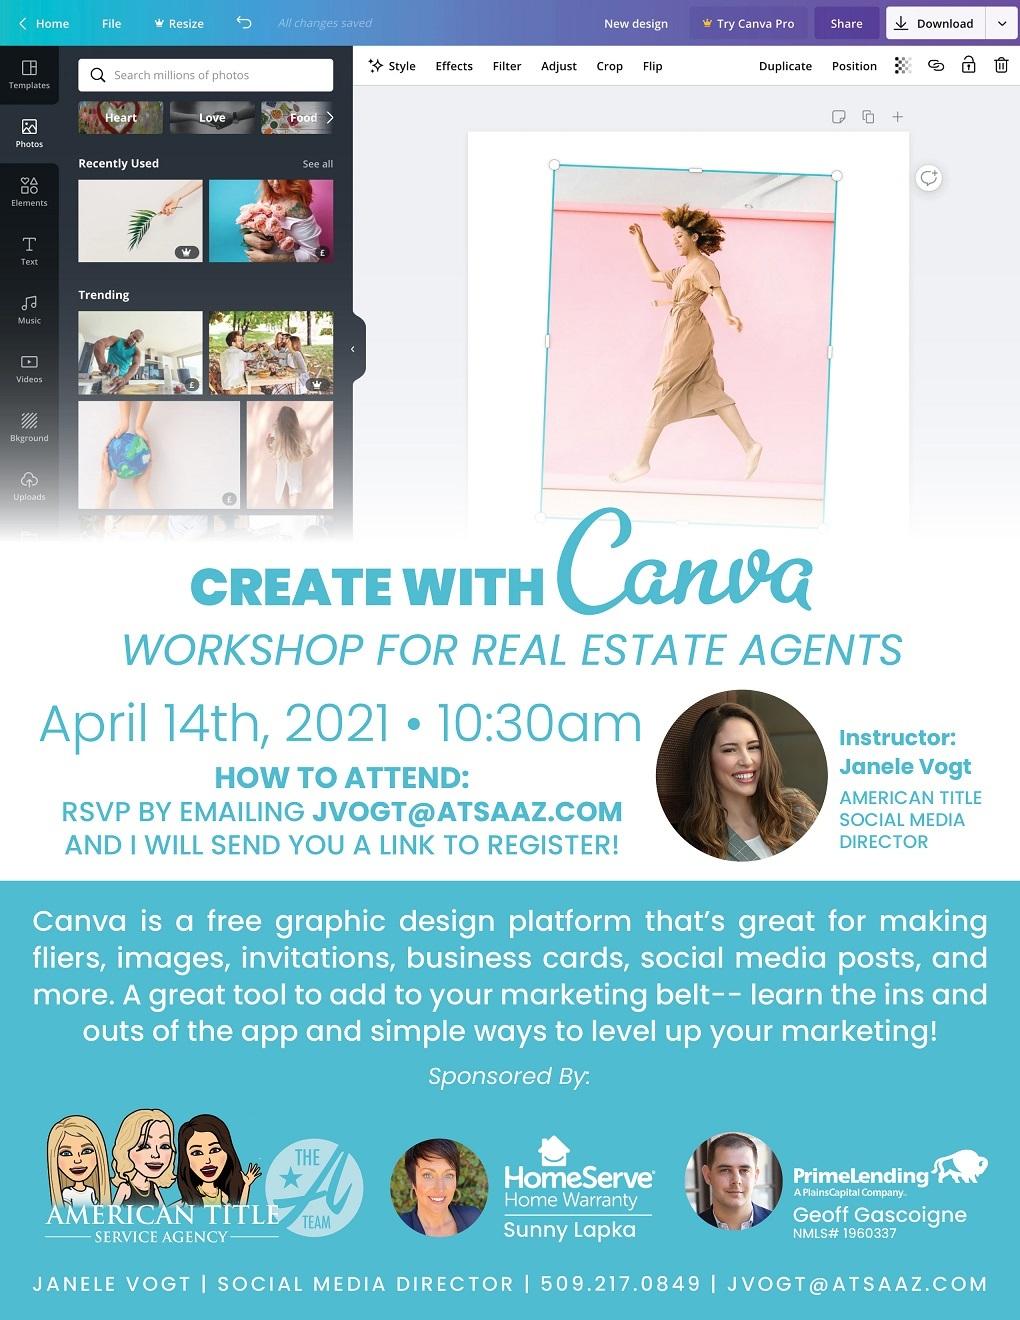 https://marketing-image-production.s3.amazonaws.com/uploads/48cfe1b7f0bf00235cdc50235037856692fba10f9bd815c3f9c92883ac50e5de086e00bf928c6c8b5545ab295dcd868d66b337ae4778278423ea9dd46e10cd87.jpg